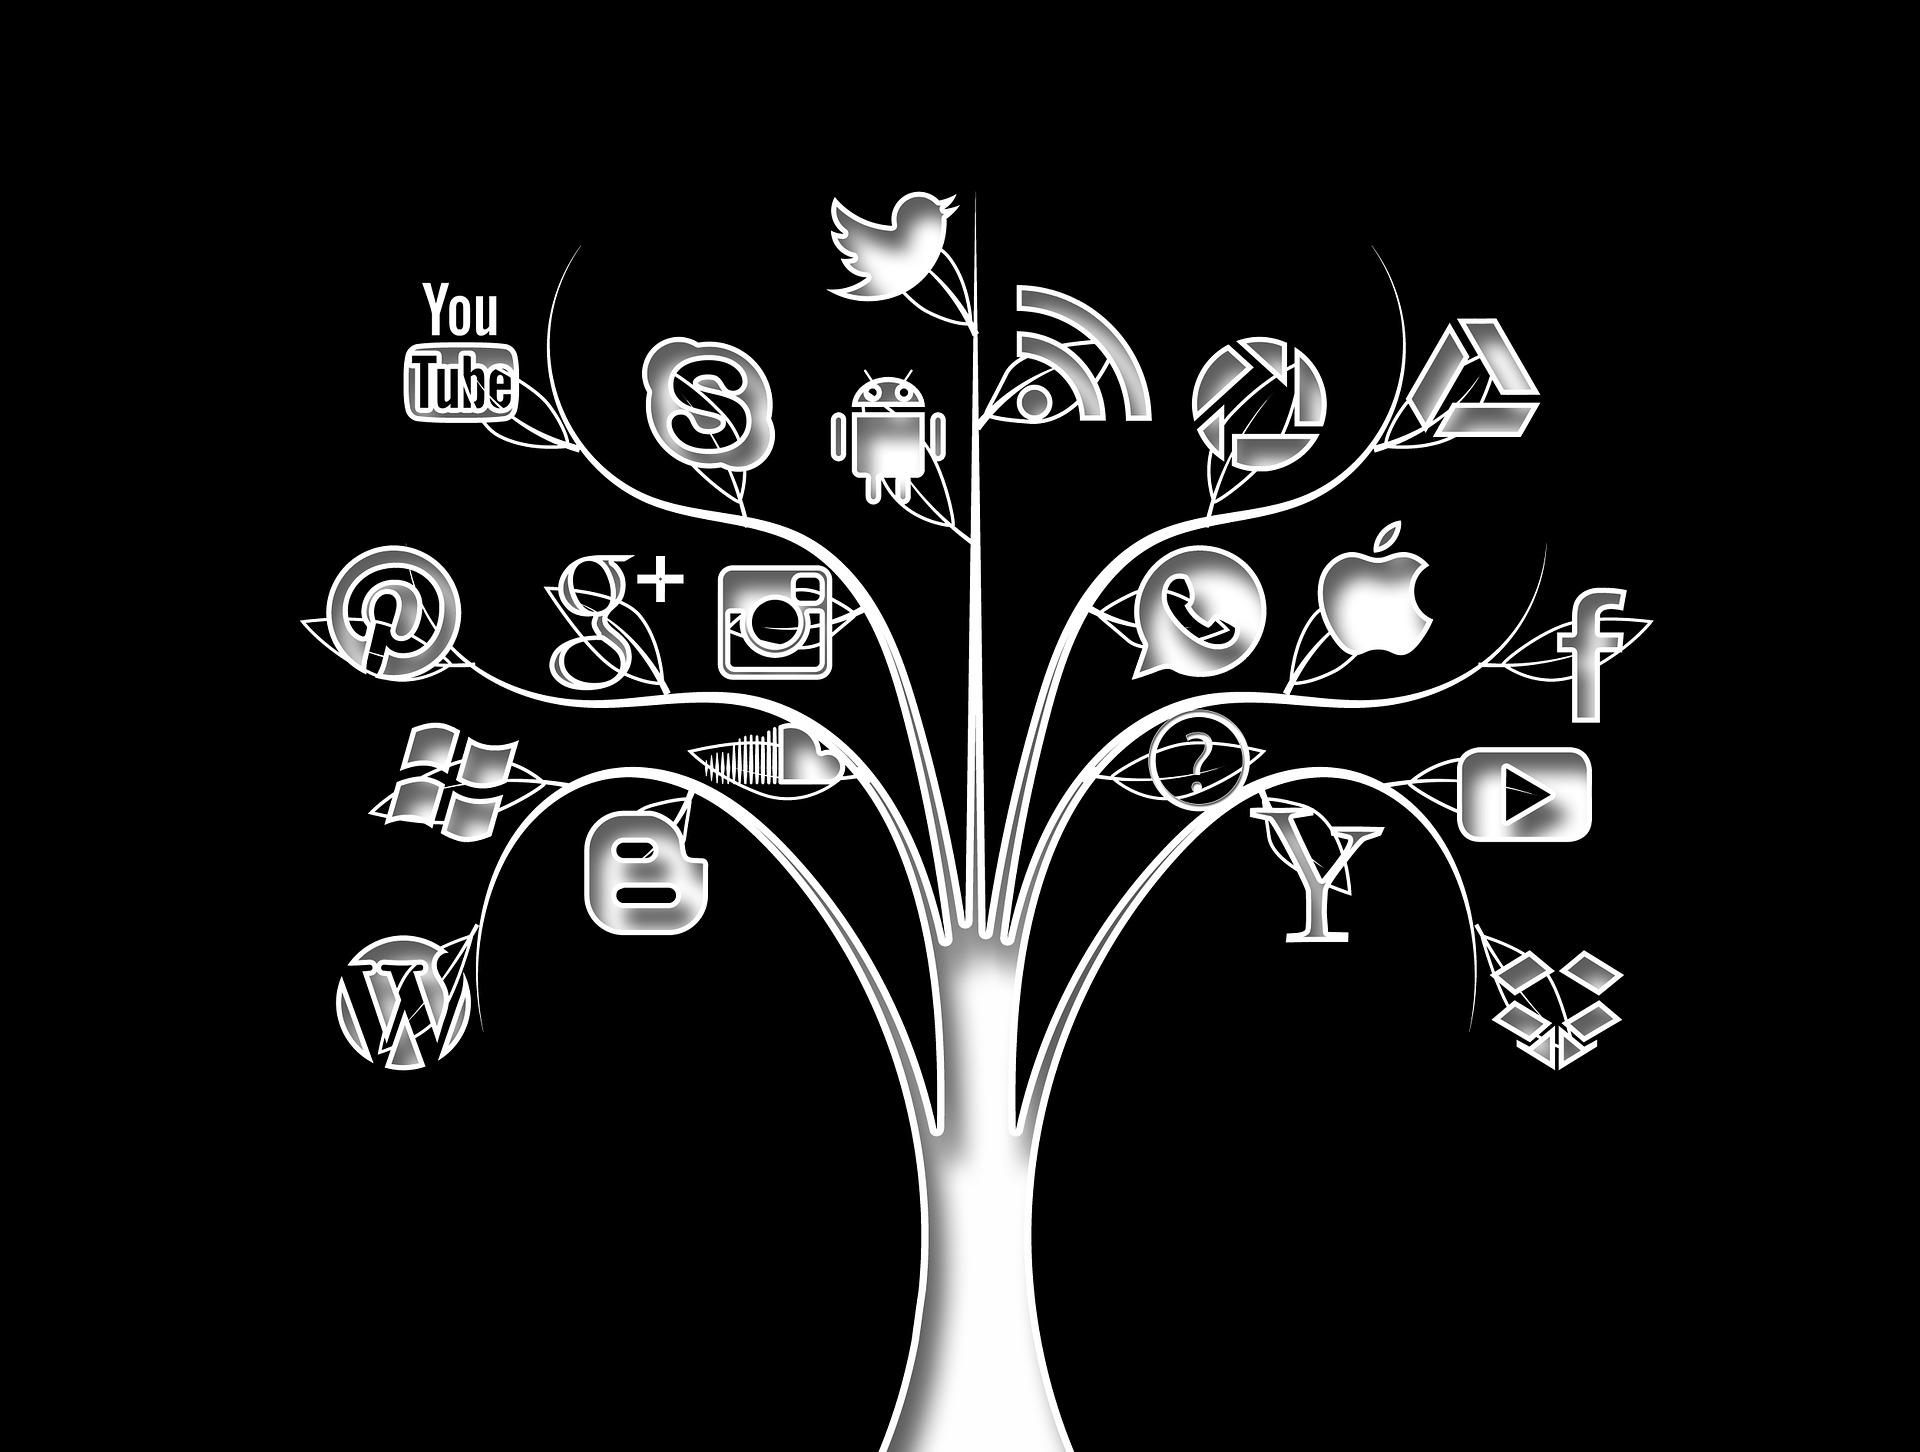 social-media-1377018_1920